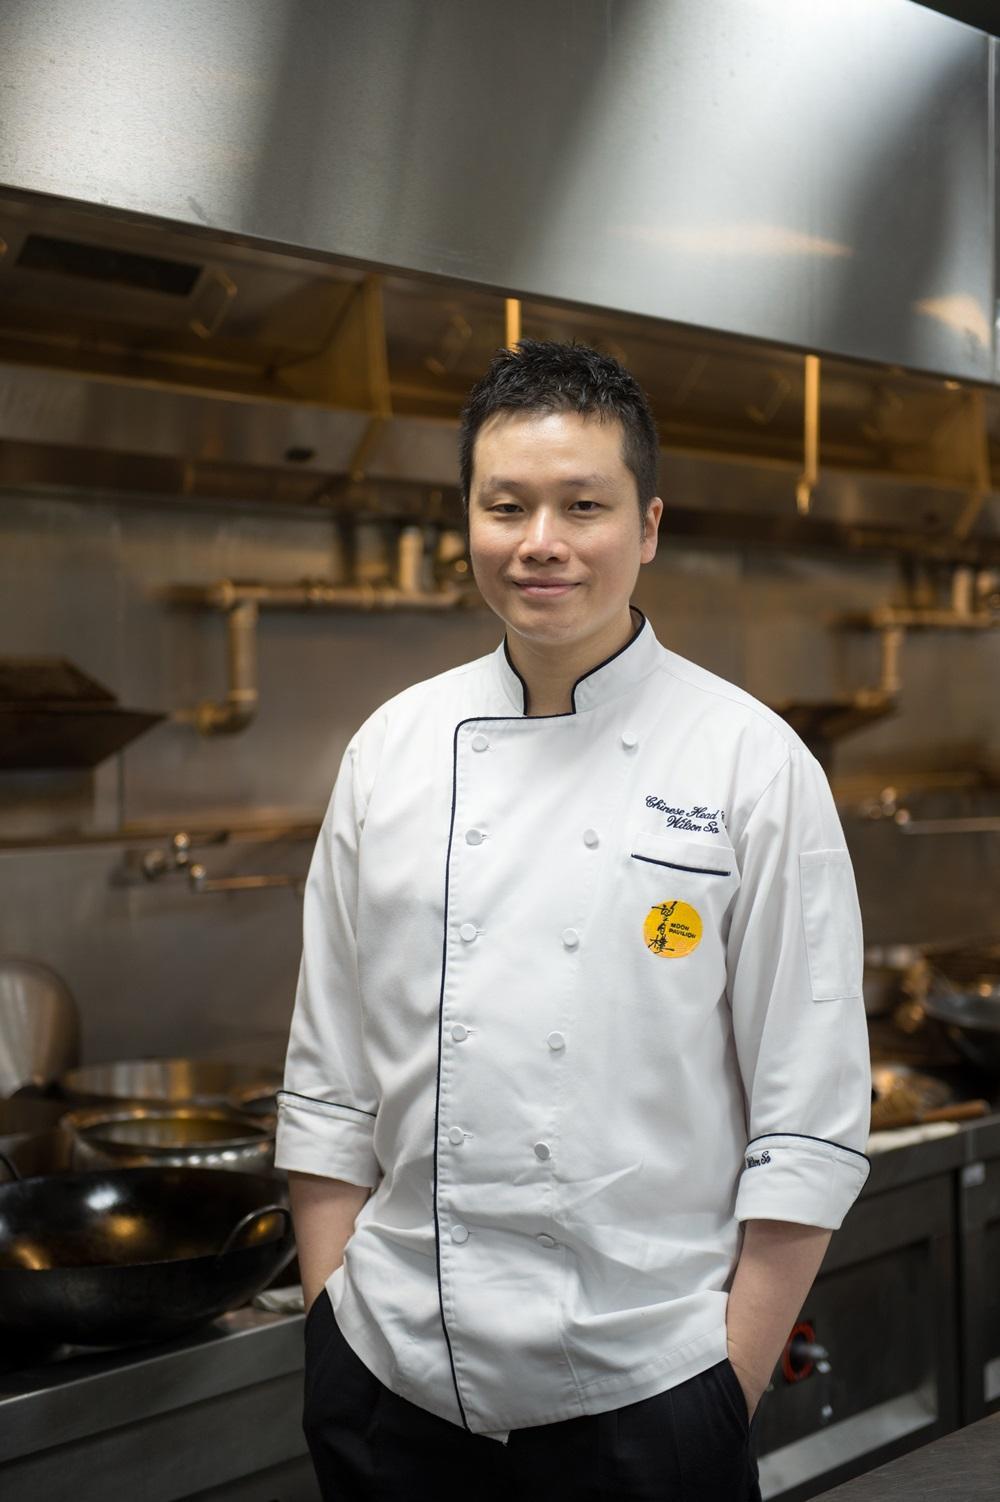 主廚蘇權暉雖年僅36歲,但粵菜及點心功力皆一流。